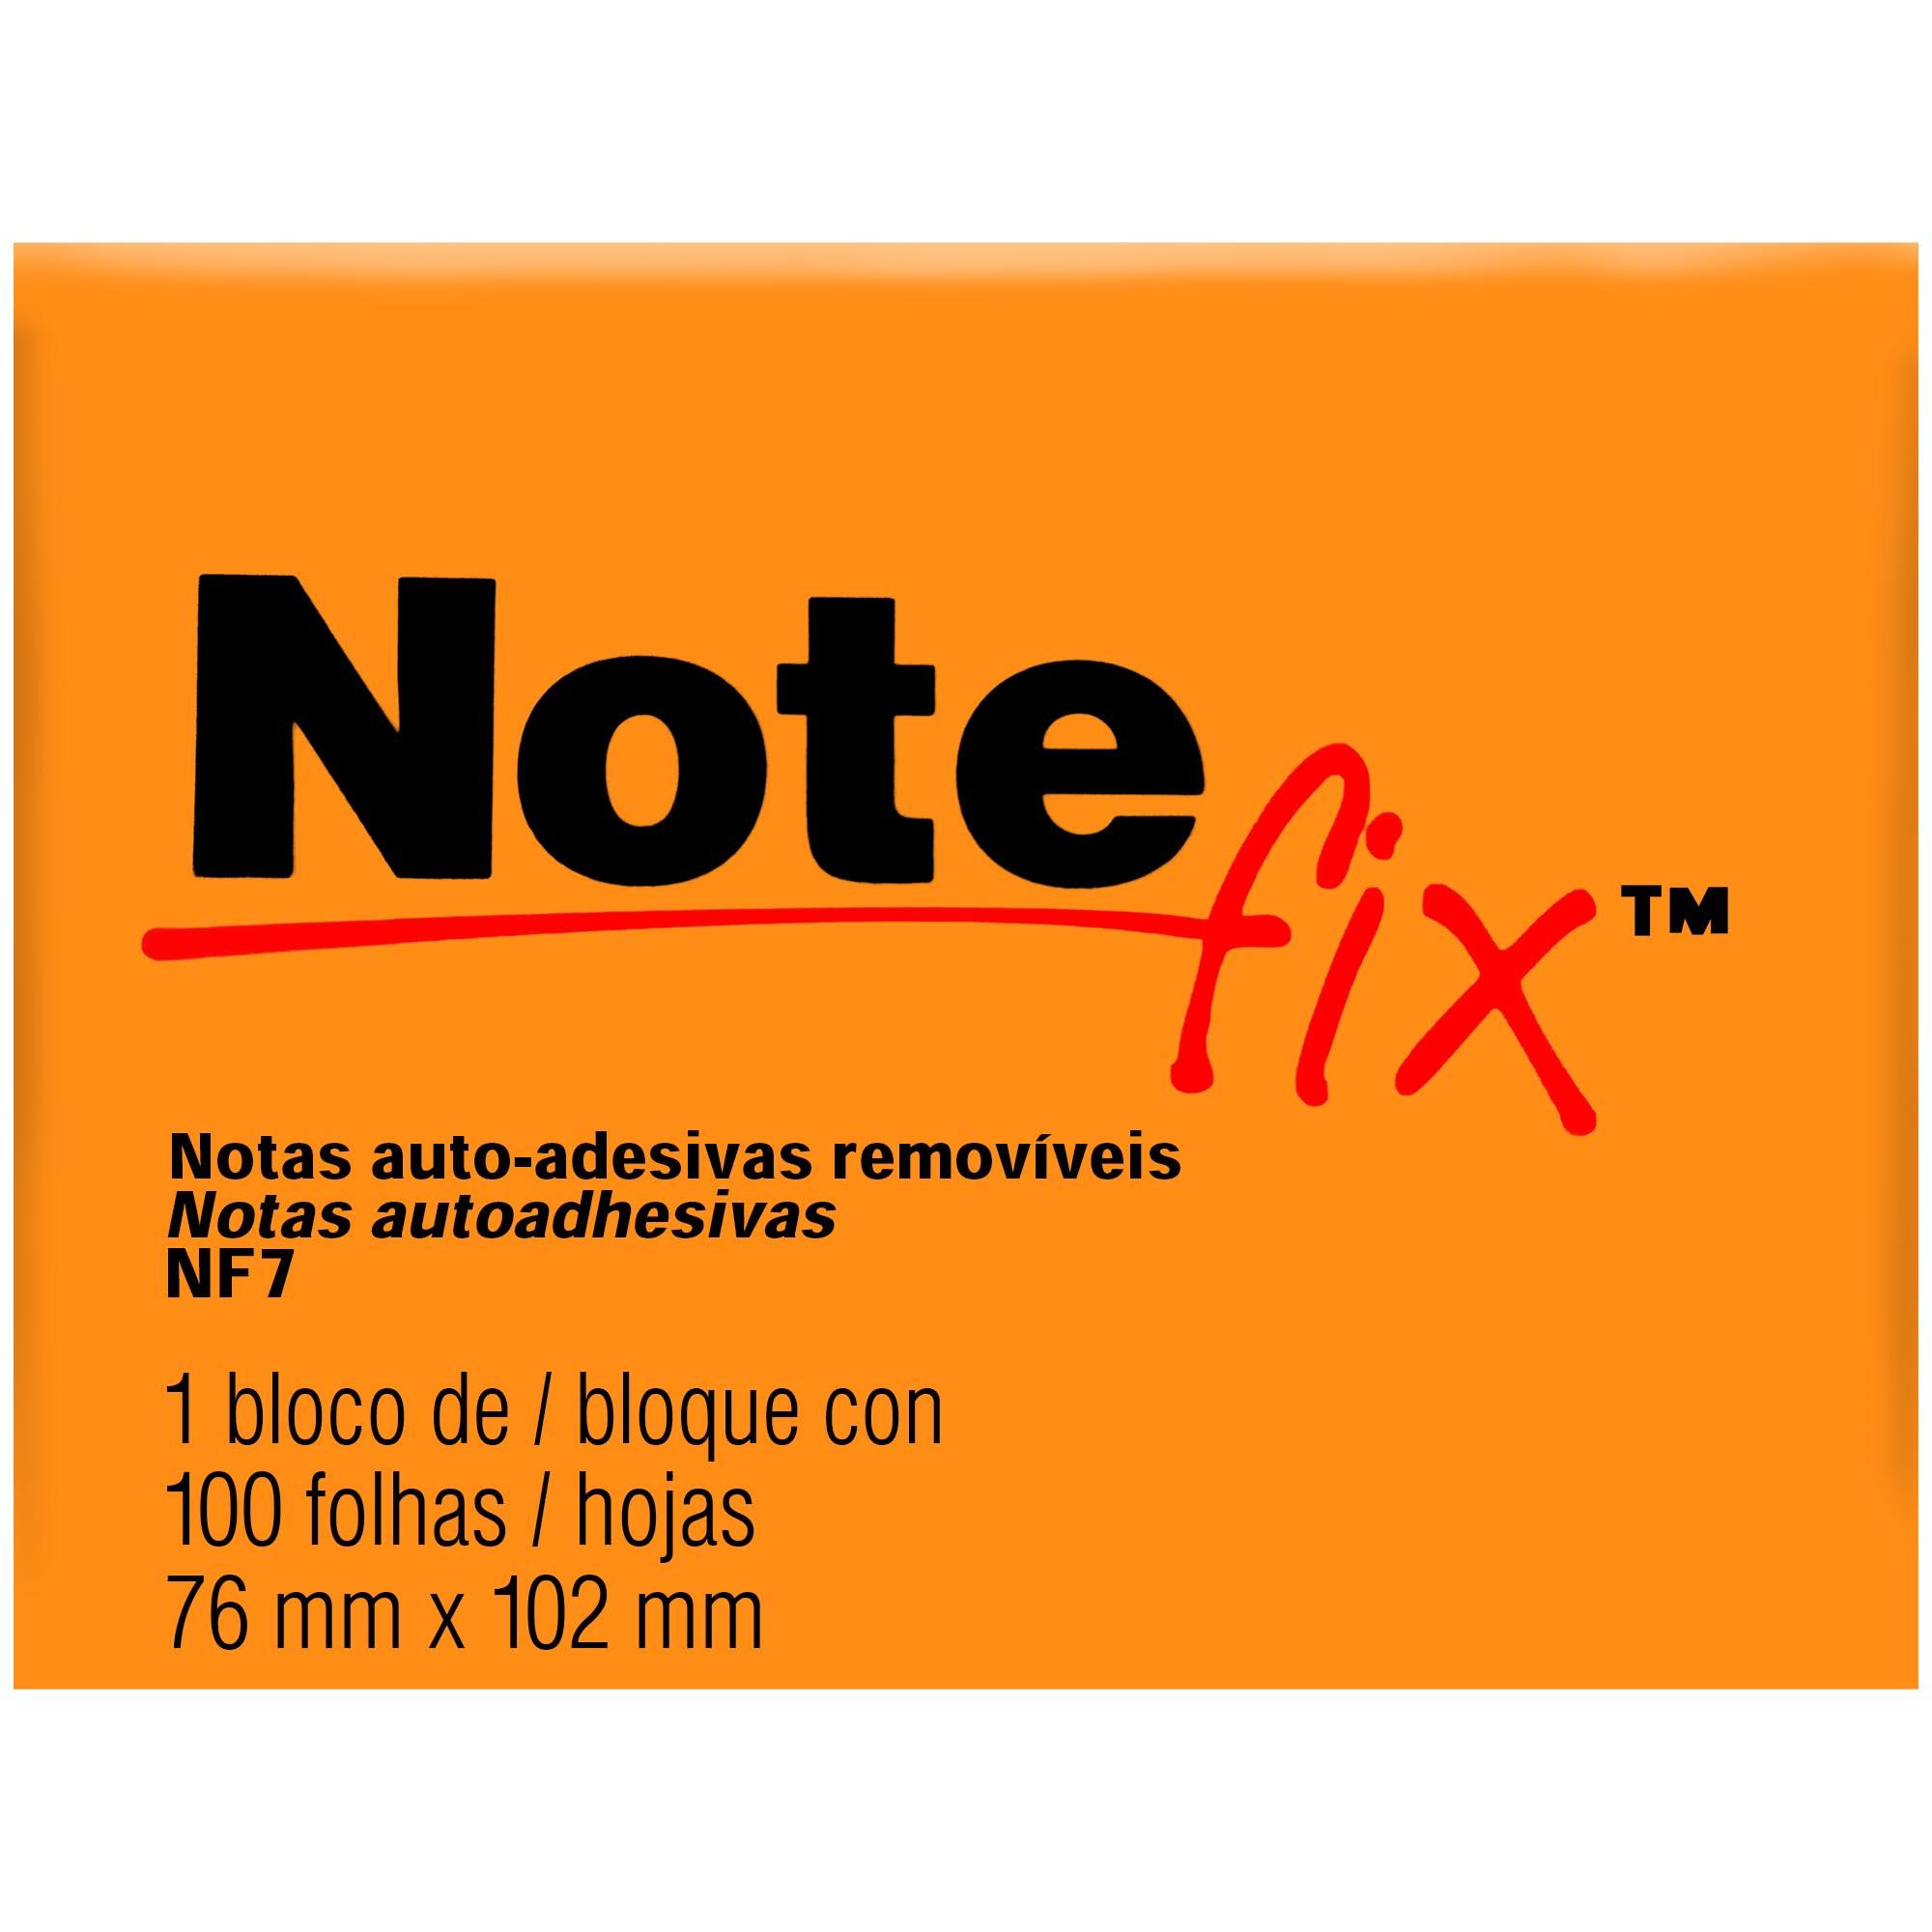 Bloco Autoadesivo Notefix NFX7 76MMX102MM 100FLS Cor Laranja HB004116081 - 3M